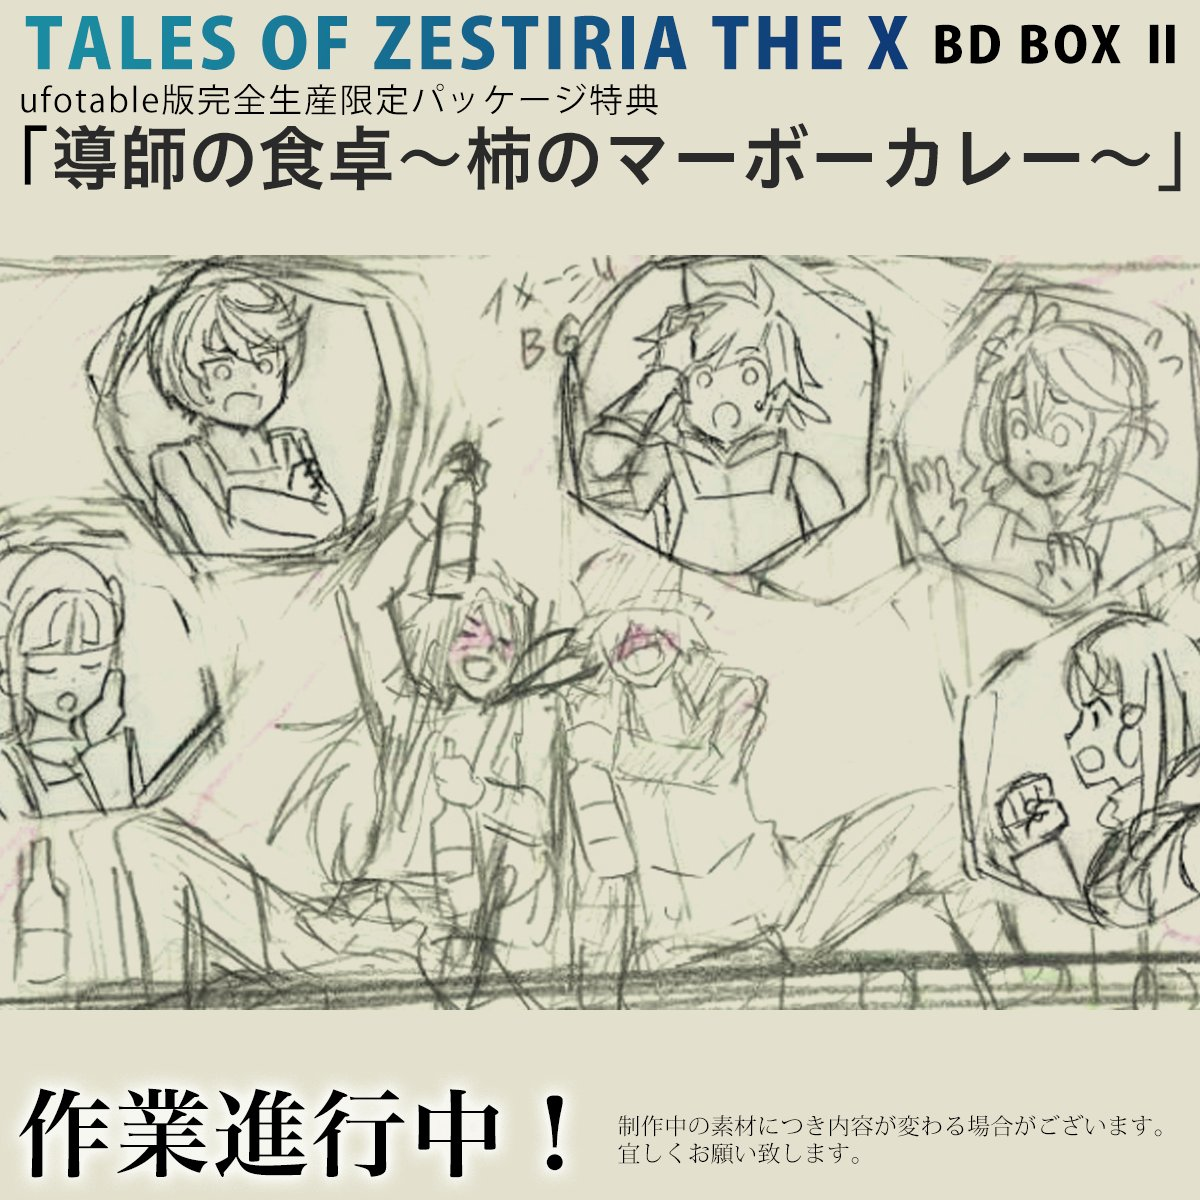 テイルズ オブ ゼスティリア ザ クロス―第二期BDBOXufotable特典より、新作映像『導師の食卓~柿のマーボーカ